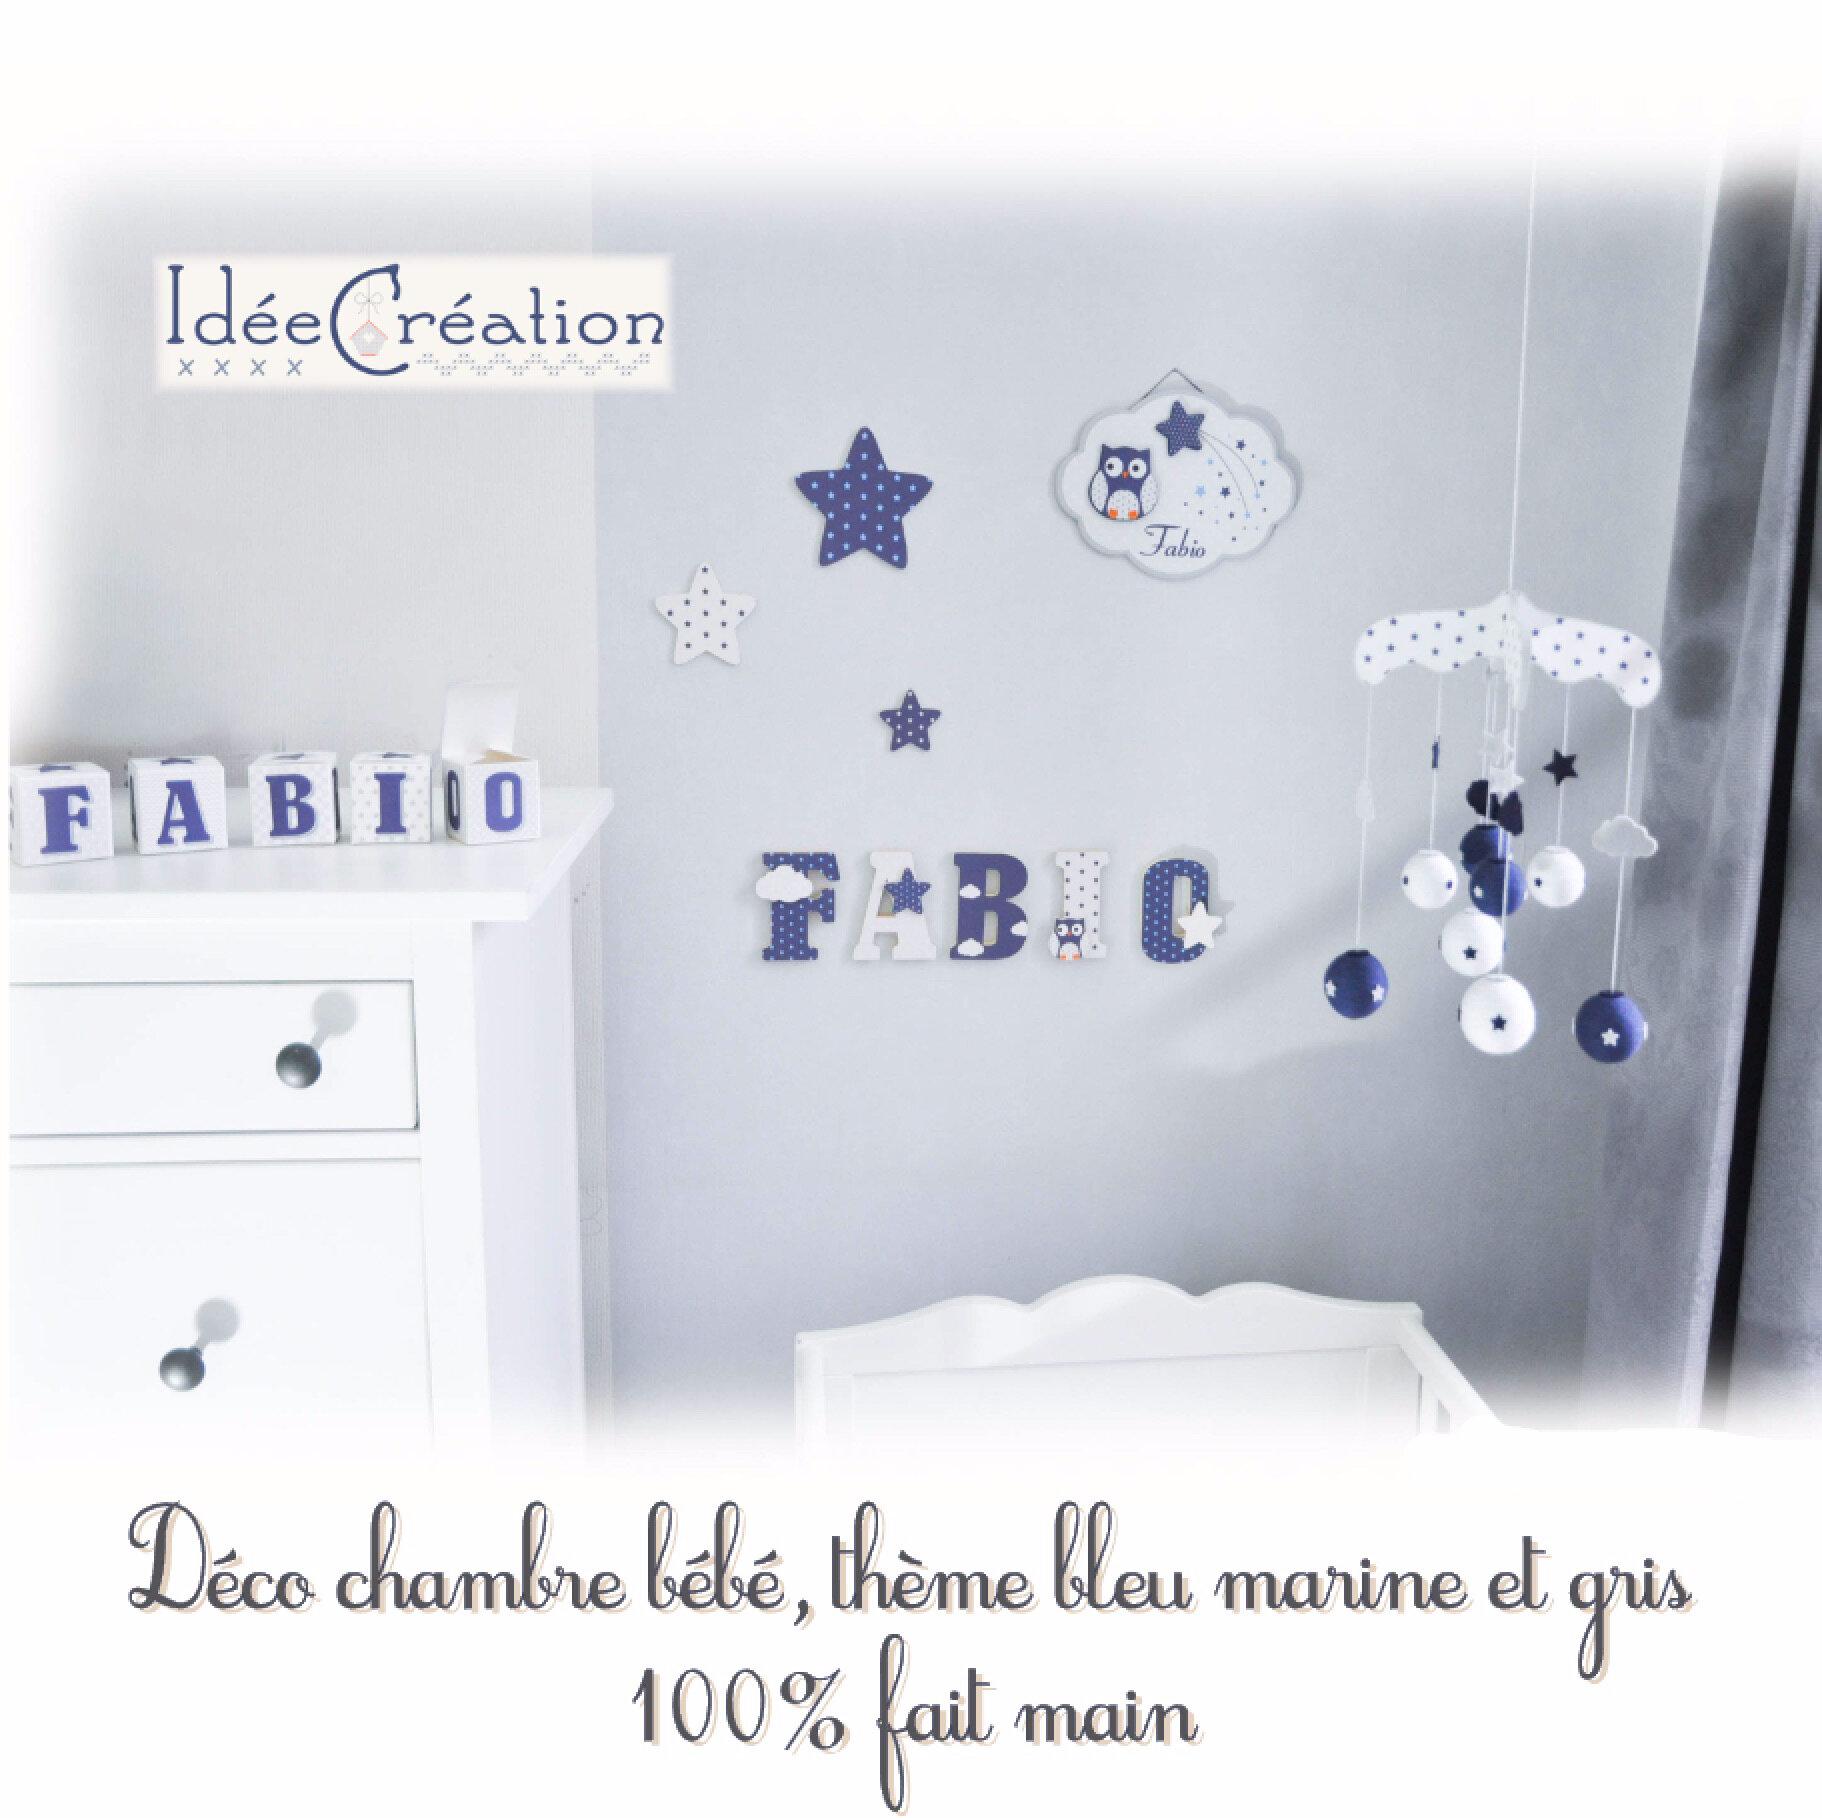 Déco chambre de bébé, thème bleu marine et gris, - IdéeCréation